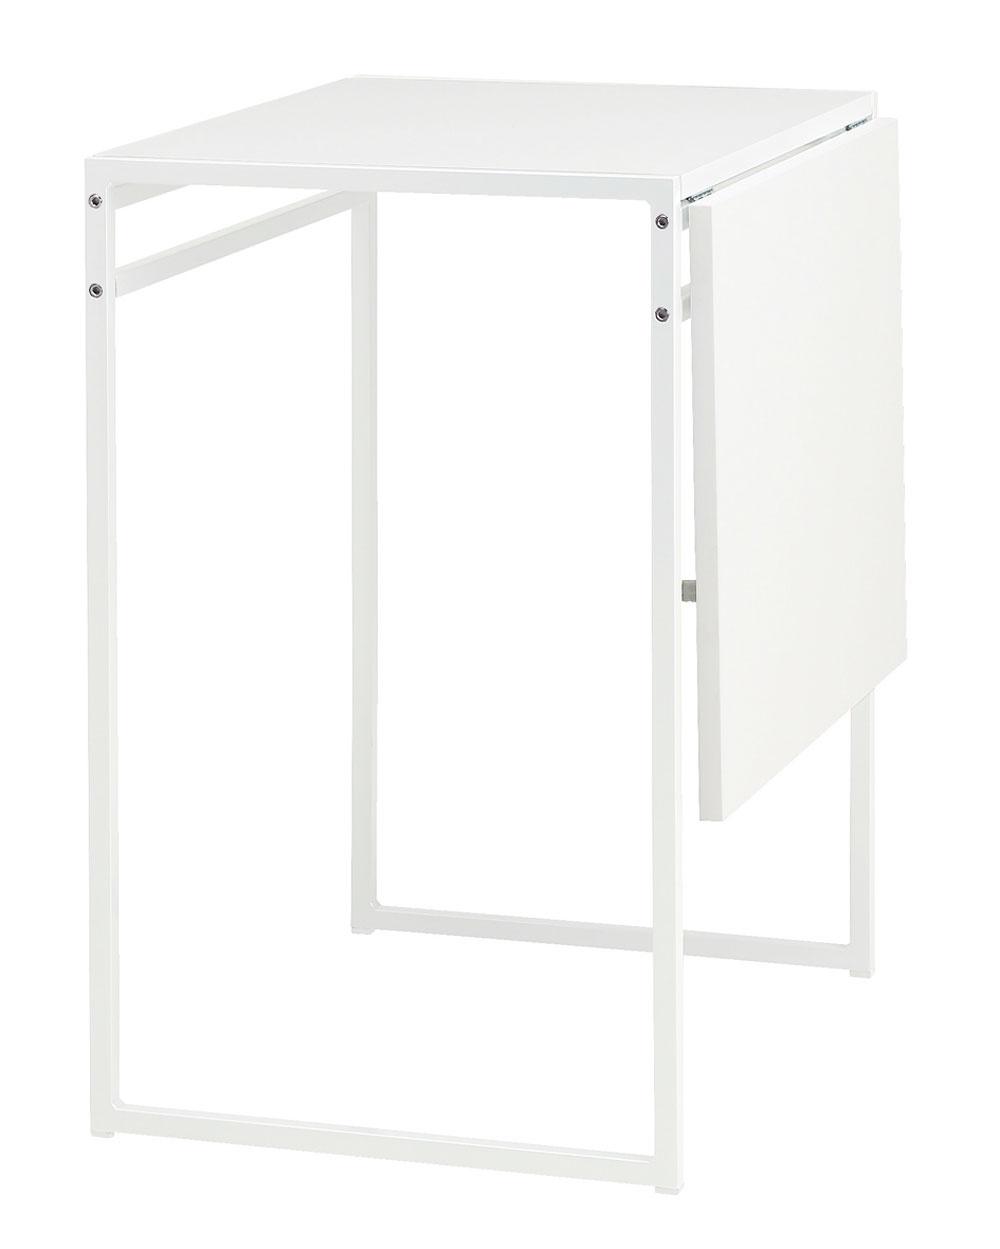 Stôl Muddus s odkladacou asklápacou doskou, jednoducho si upravíte veľkosť podľa potrieb apočtu miest na sedenie. Cena 39,99 €. Predáva IKEA.